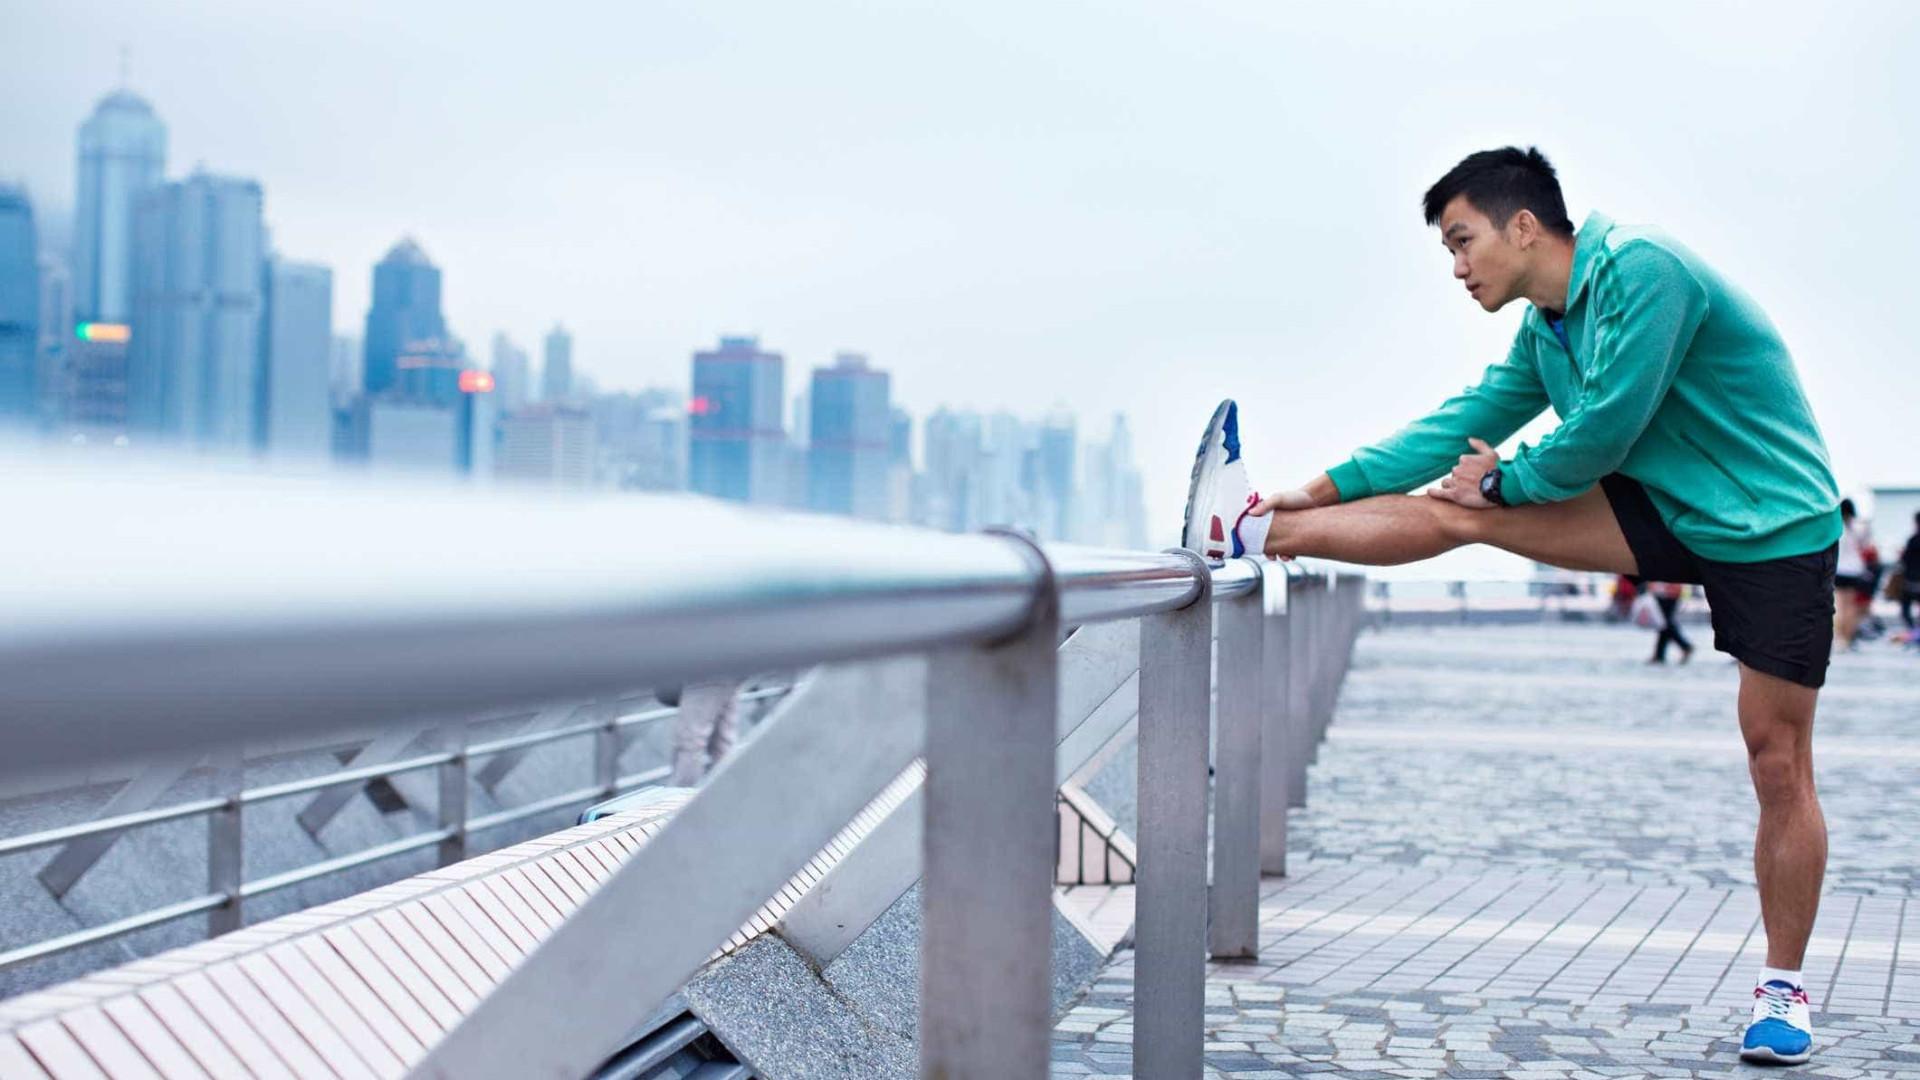 Exercício físico diminui consideravelmente risco de diabetes tipo 2